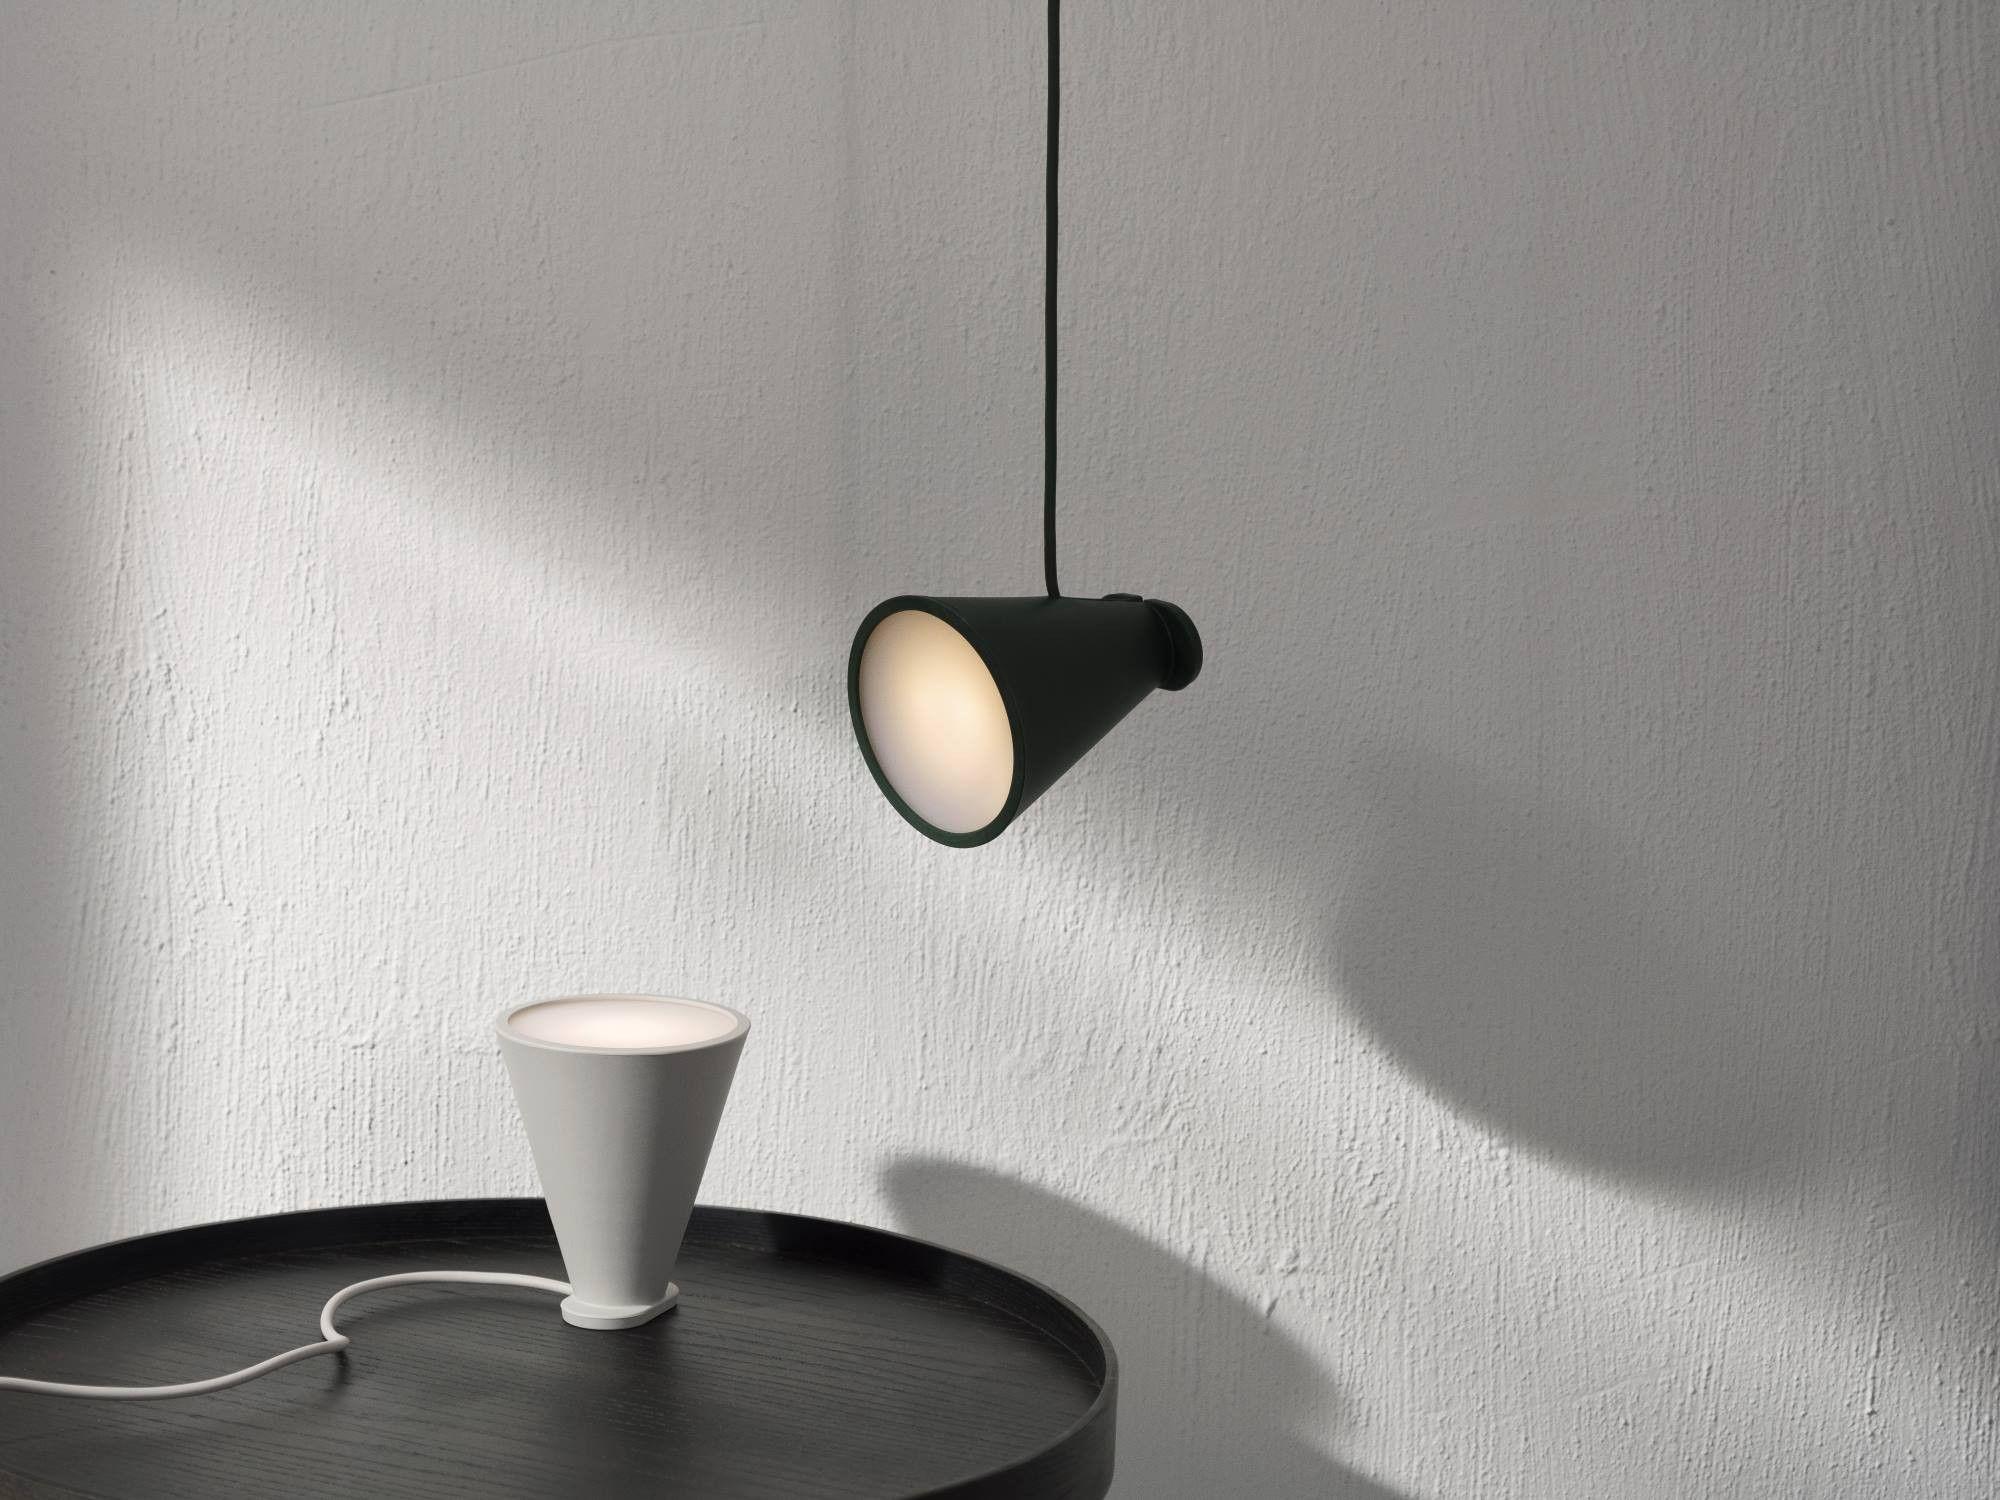 Einrichten Design De bollard l leuchte menu einrichten design de schlafzimmer